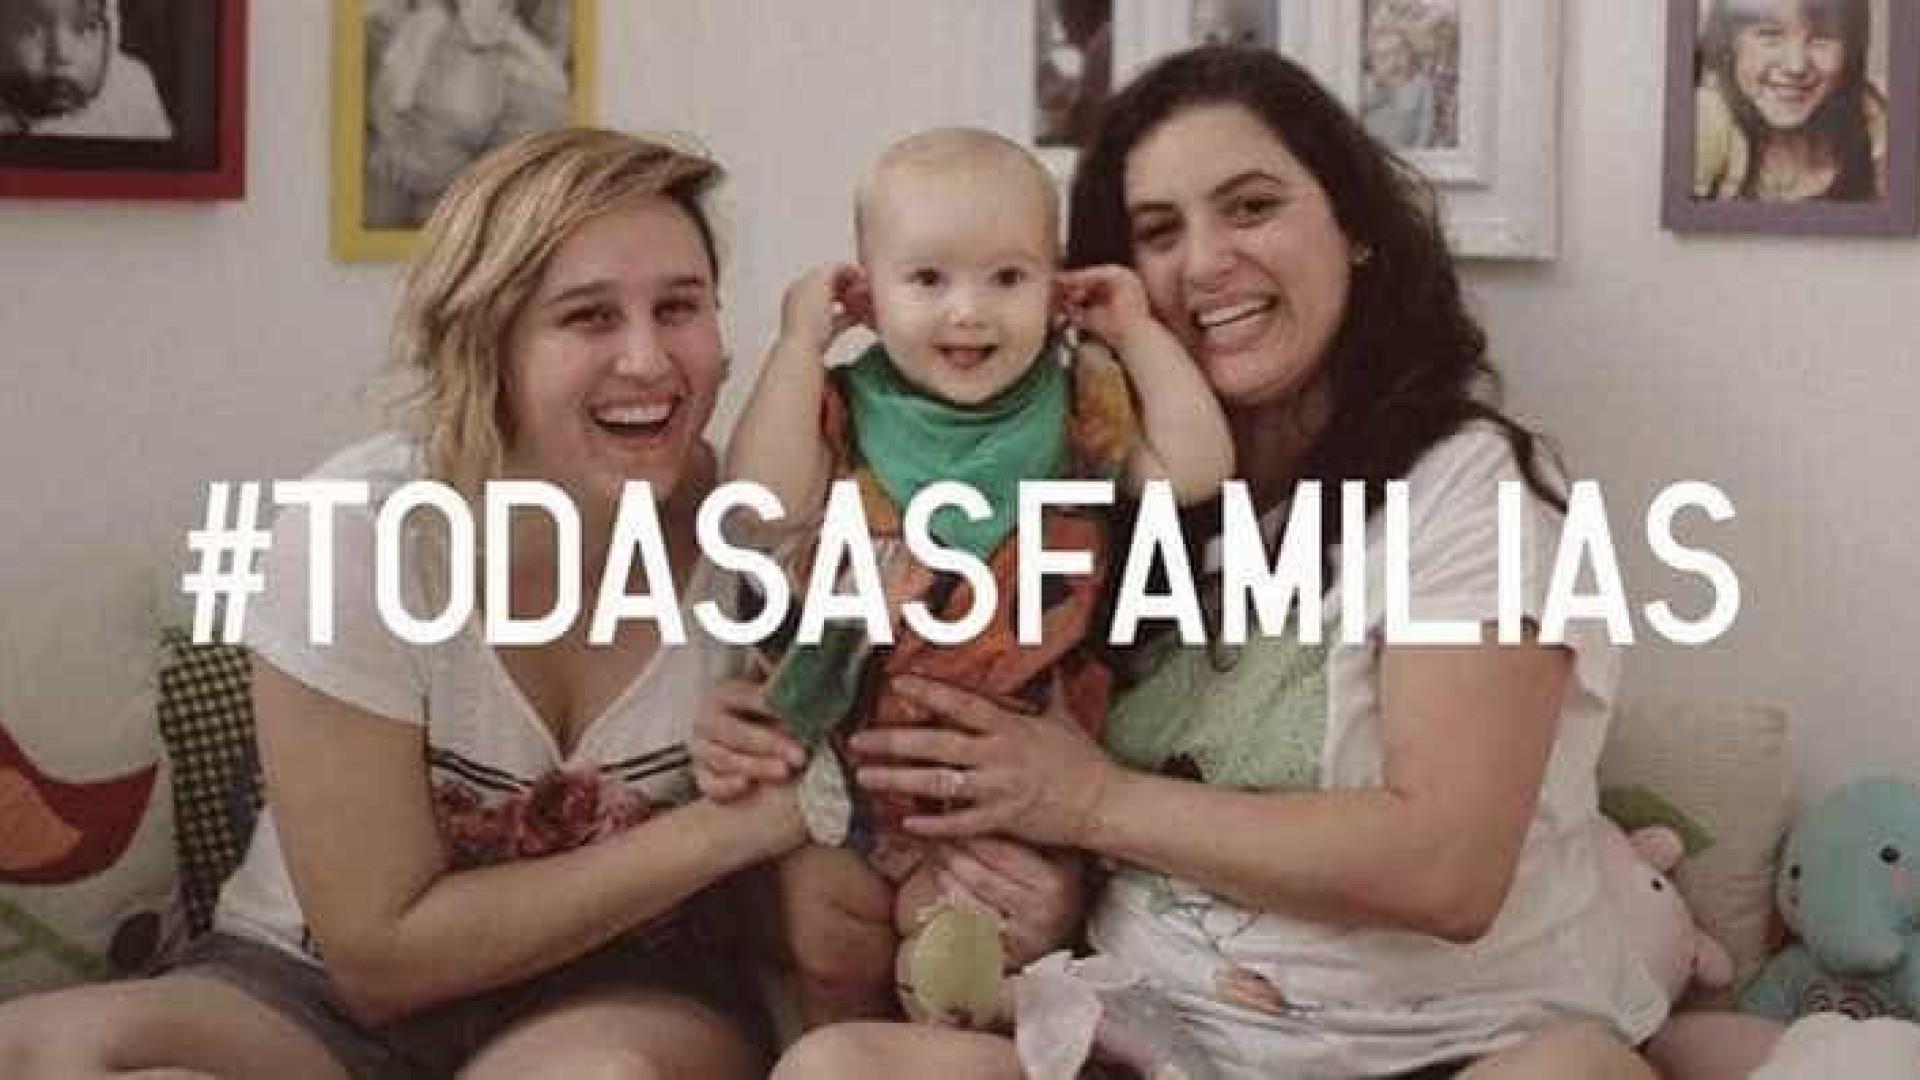 Dicionário Houaiss pode mudar o significado  de família; assista